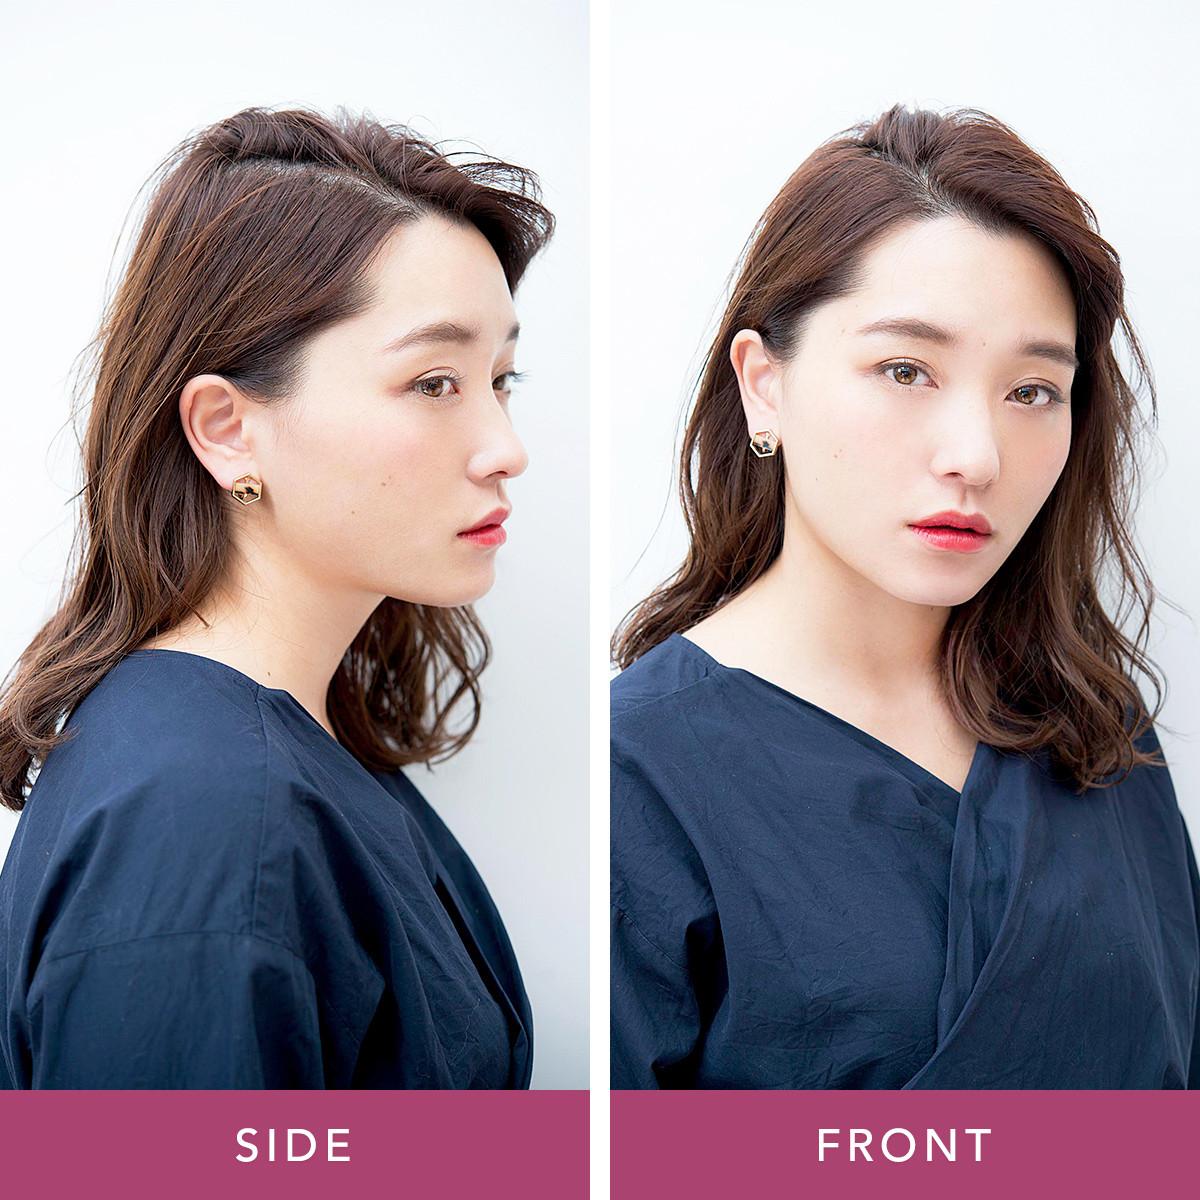 変わりばえしないヘアに飽きたら…前髪だけで印象チェンジ3パターン_1_3